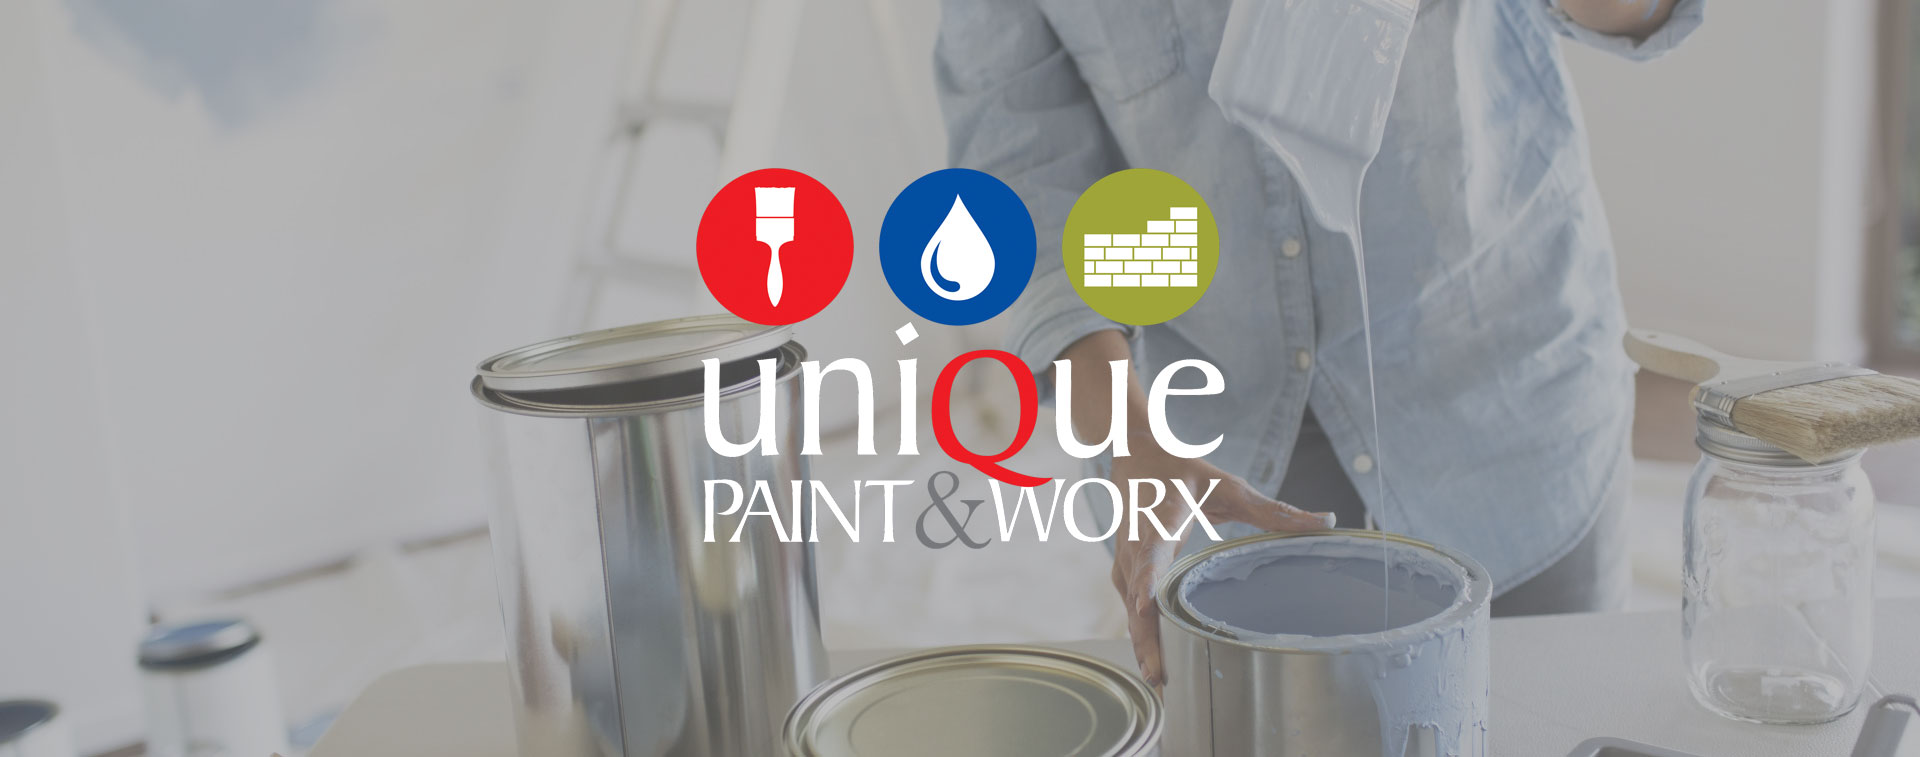 Unique Paintworx banner